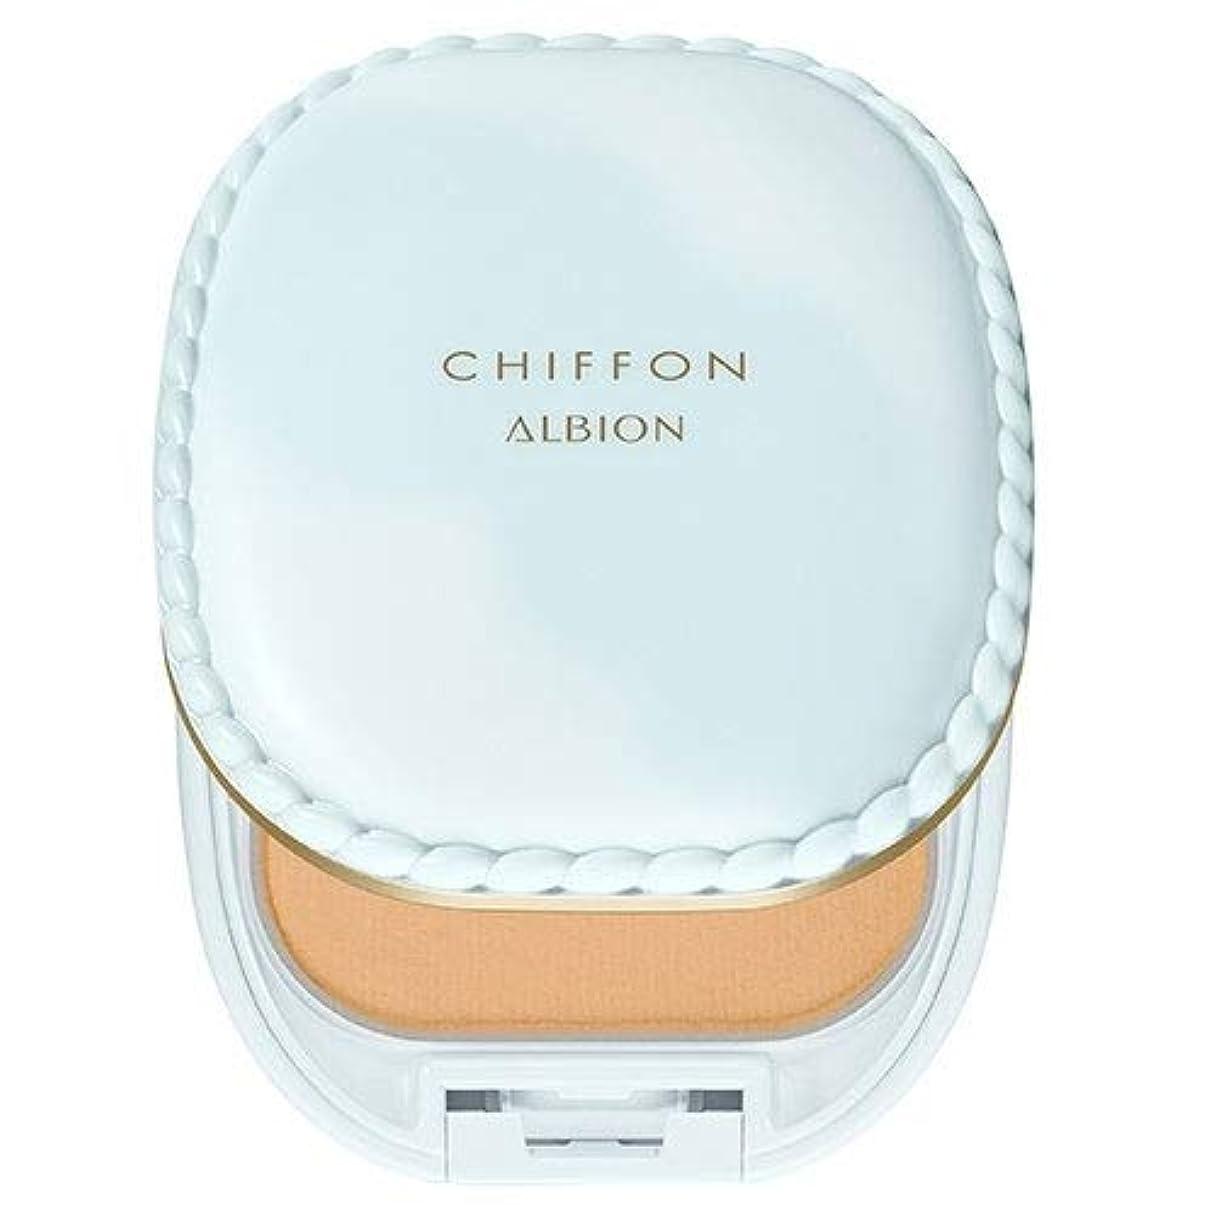 塗抹剥離個人的にアルビオン スノー ホワイト シフォン 全6色 SPF25?PA++ 10g (レフィルのみ) -ALBION- 040